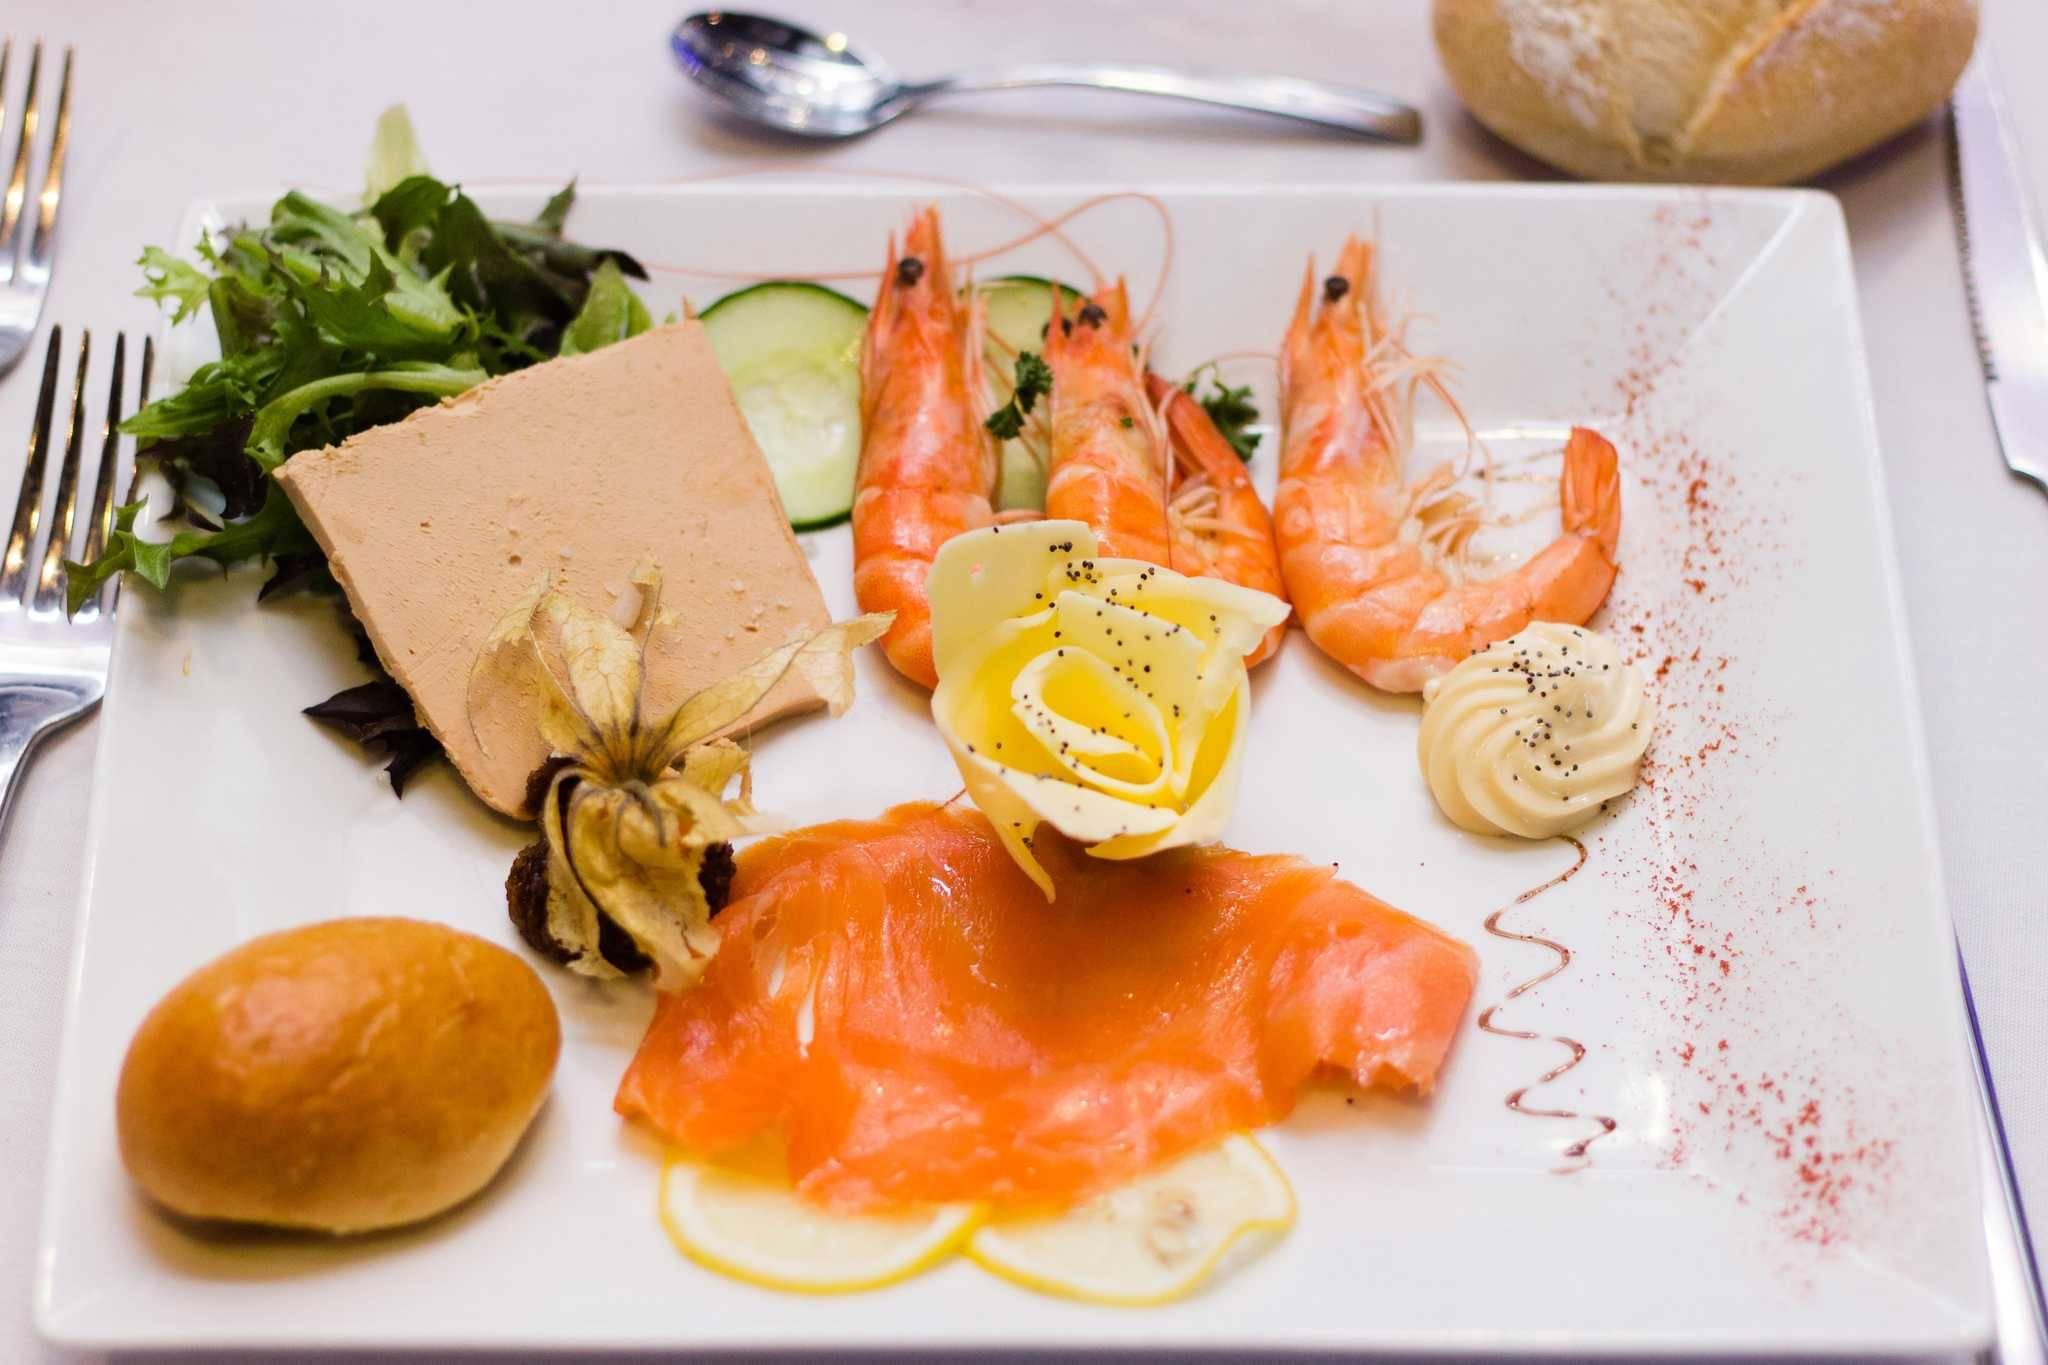 assiete-royale-entree-saumon-foie-gras-cervettes